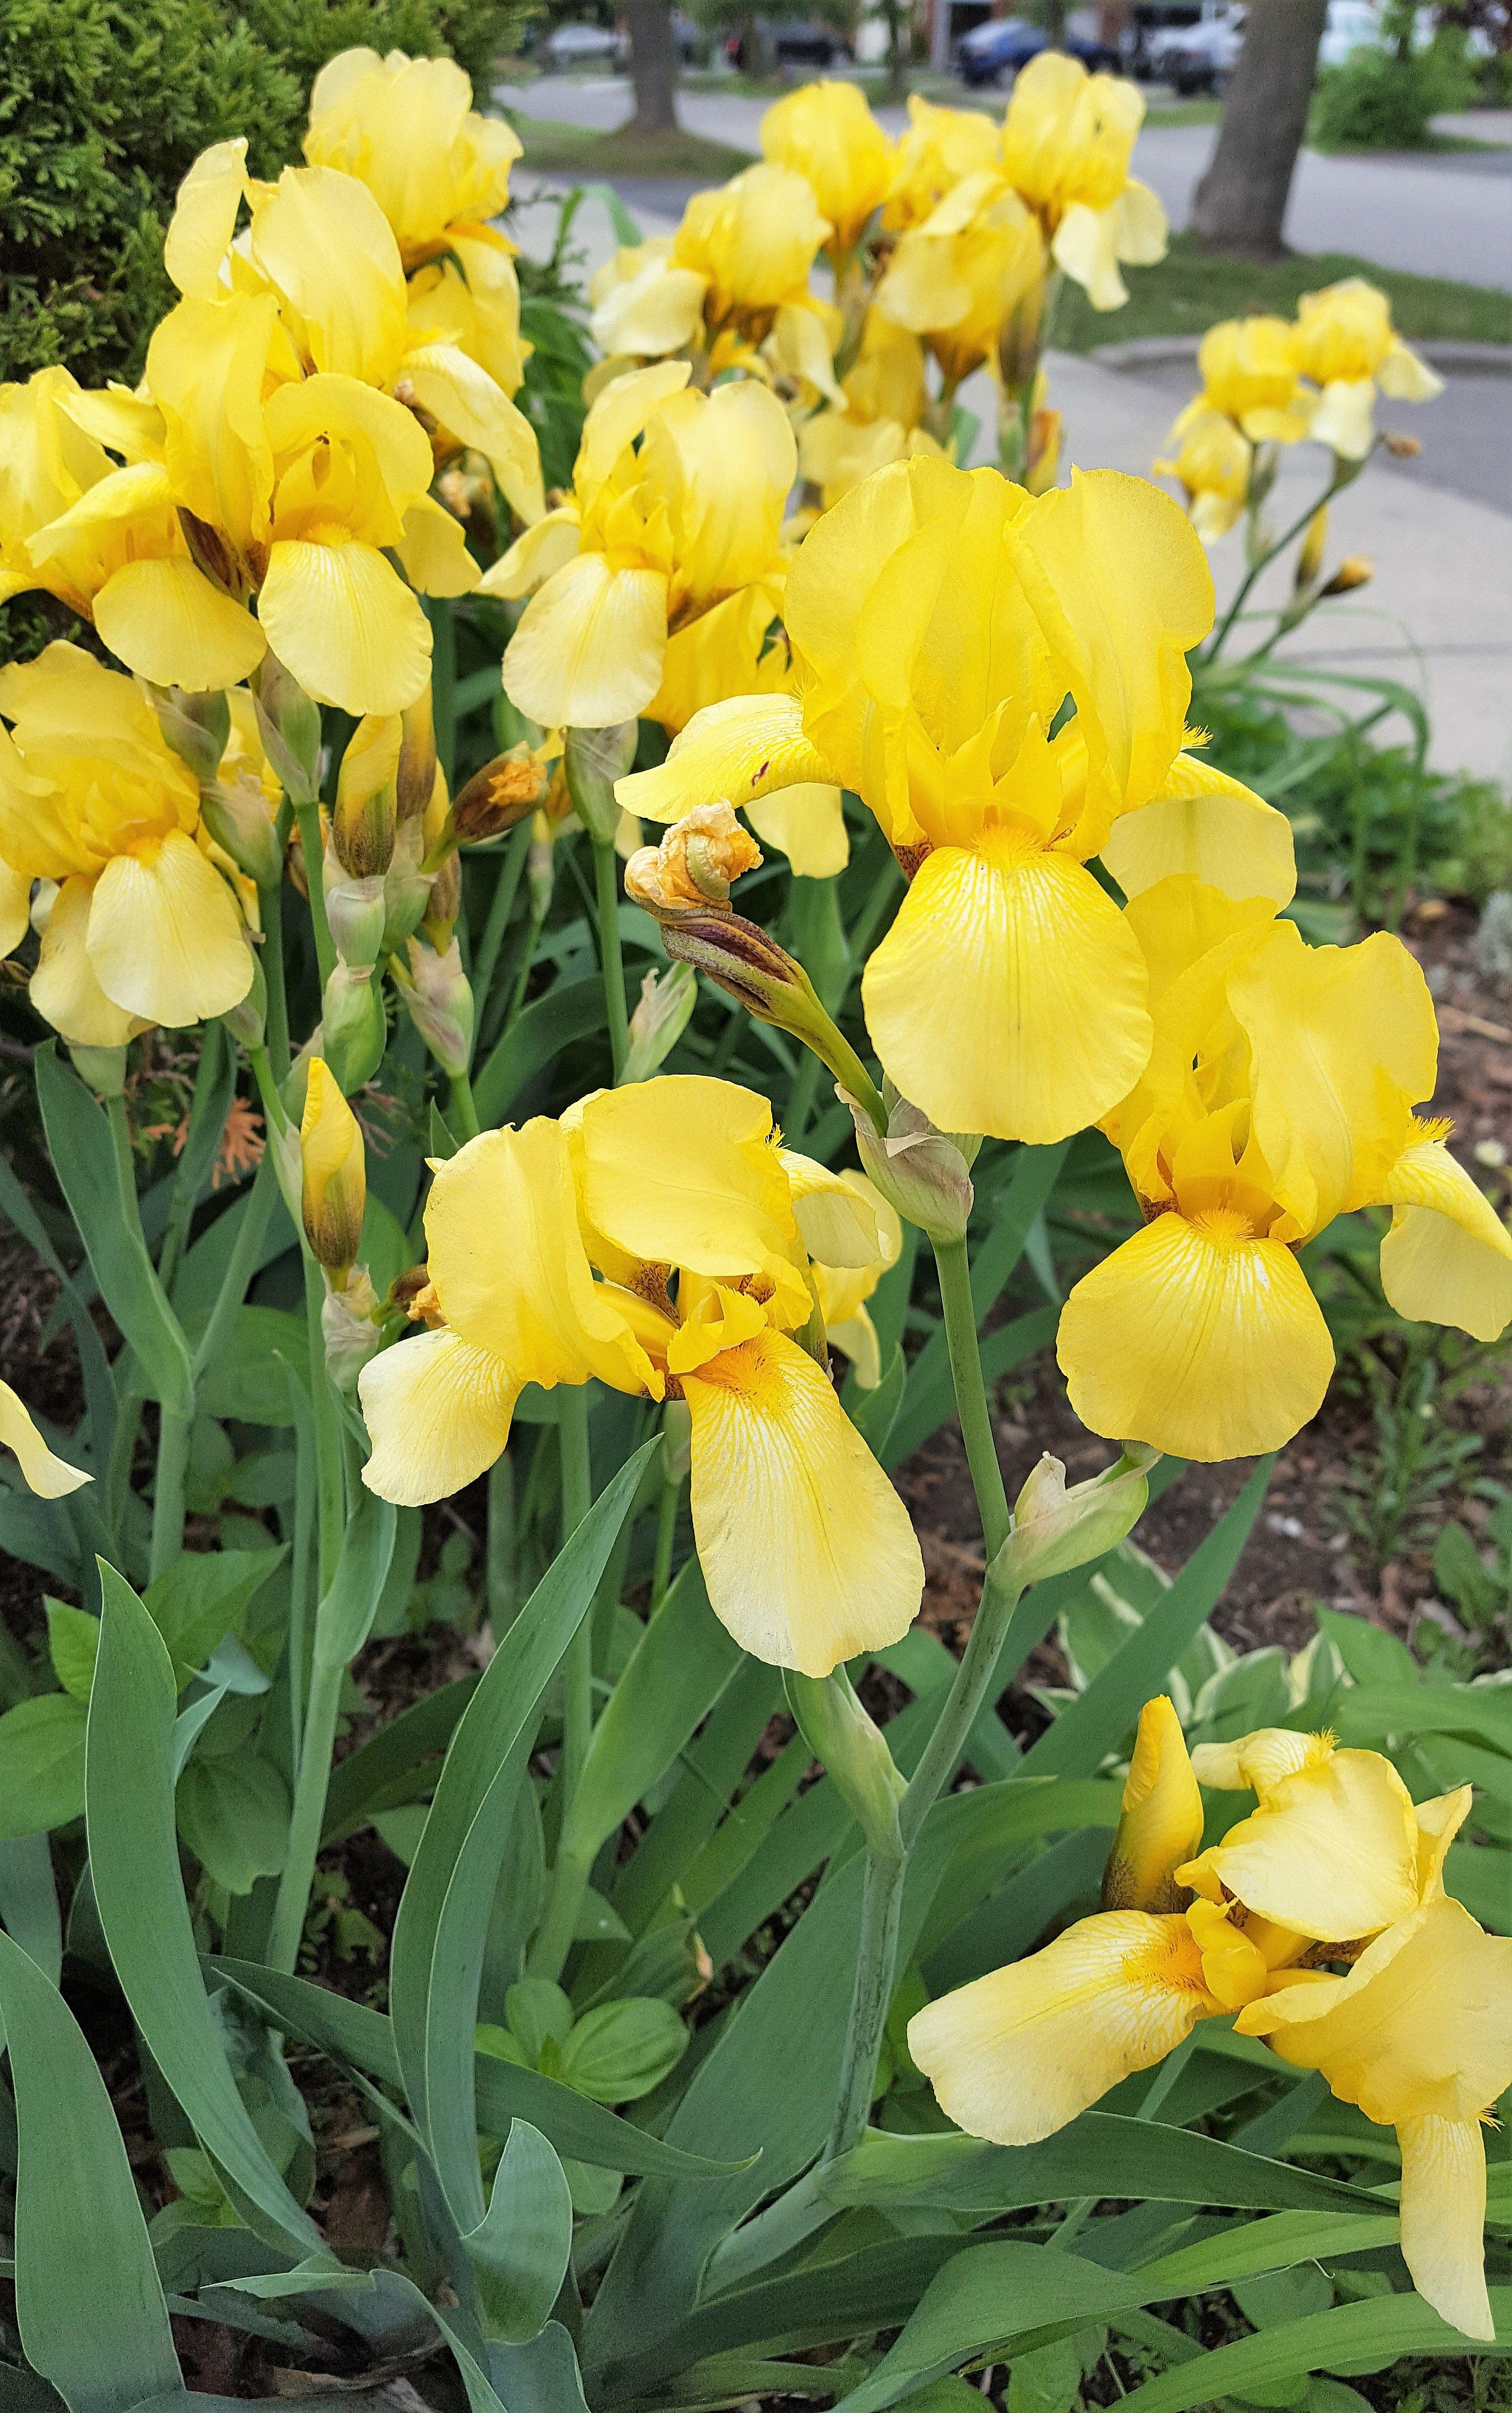 Yellow Iris Blooms Flowers Iris Yellow Inspiration Flower